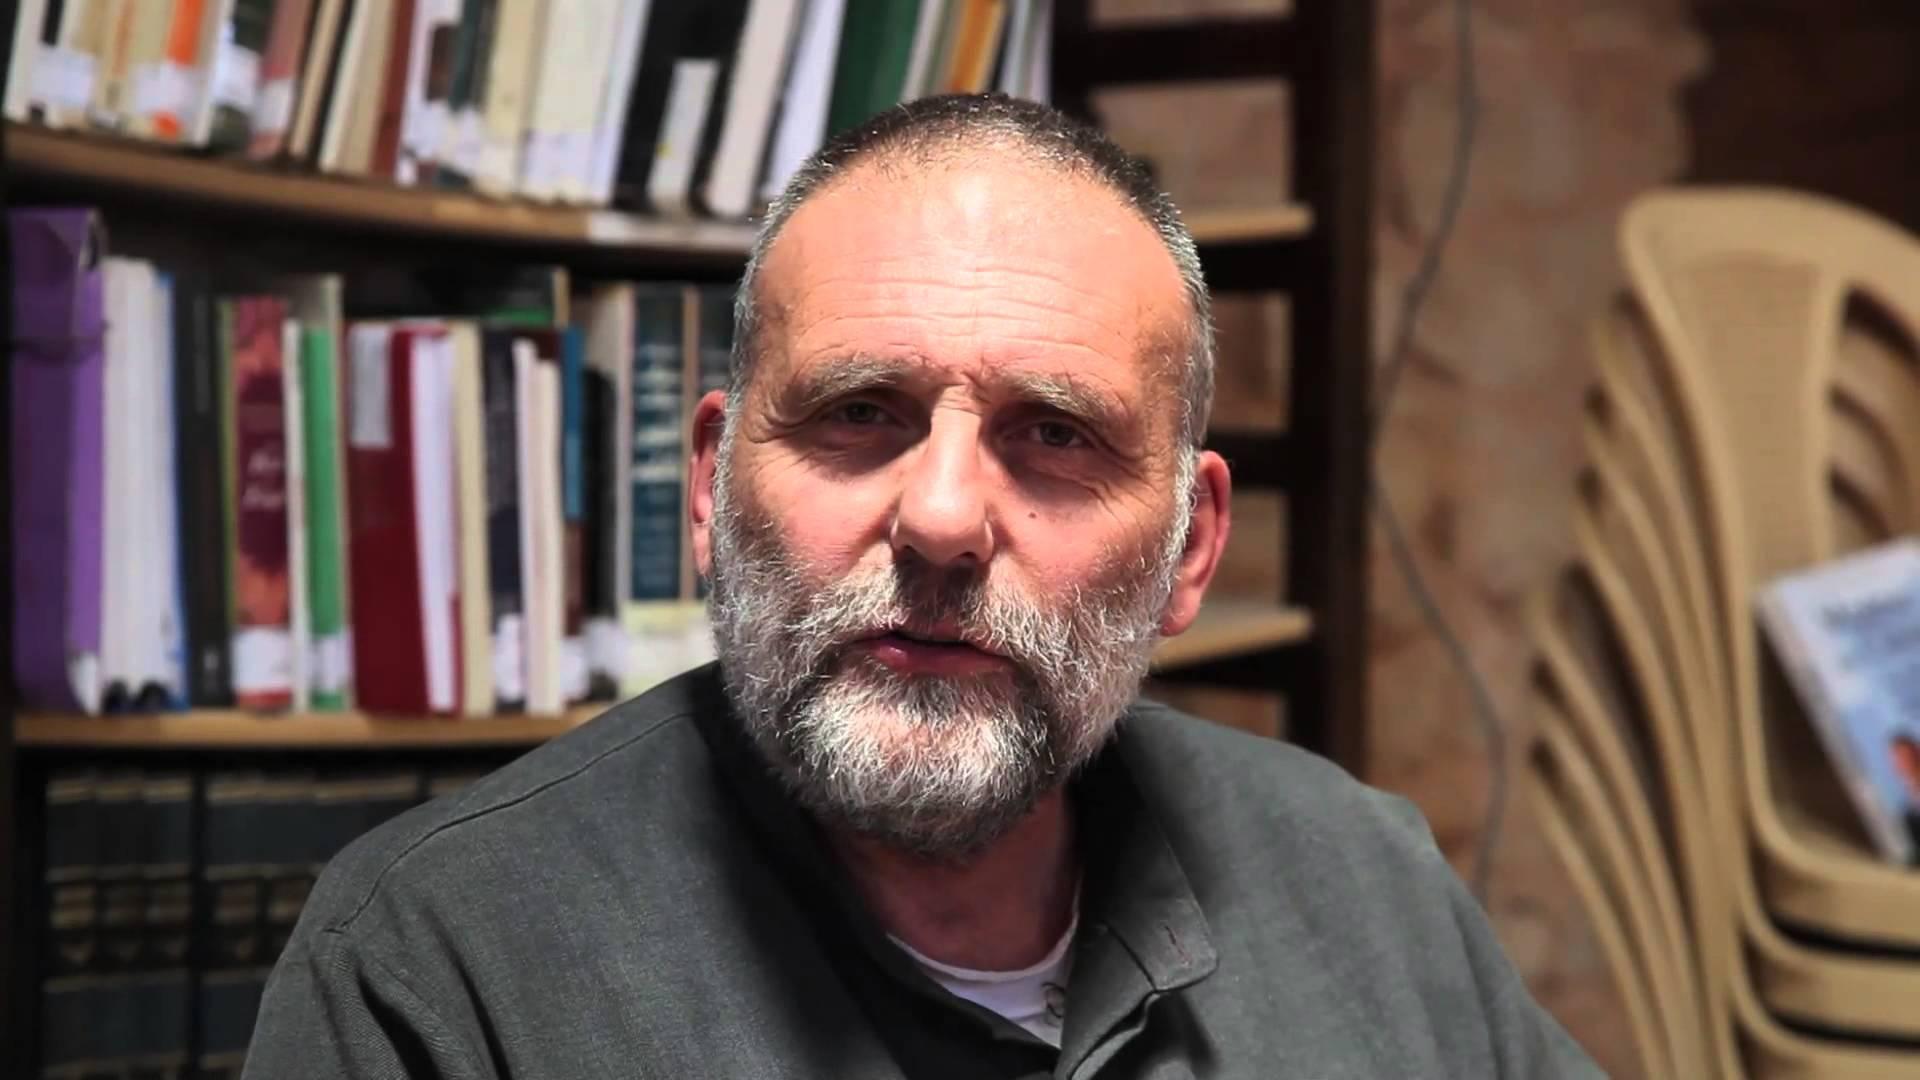 El Papa recibe a la familia de Paolo Dall'Oglio, el jesuita secuestrado en Siria en 2013